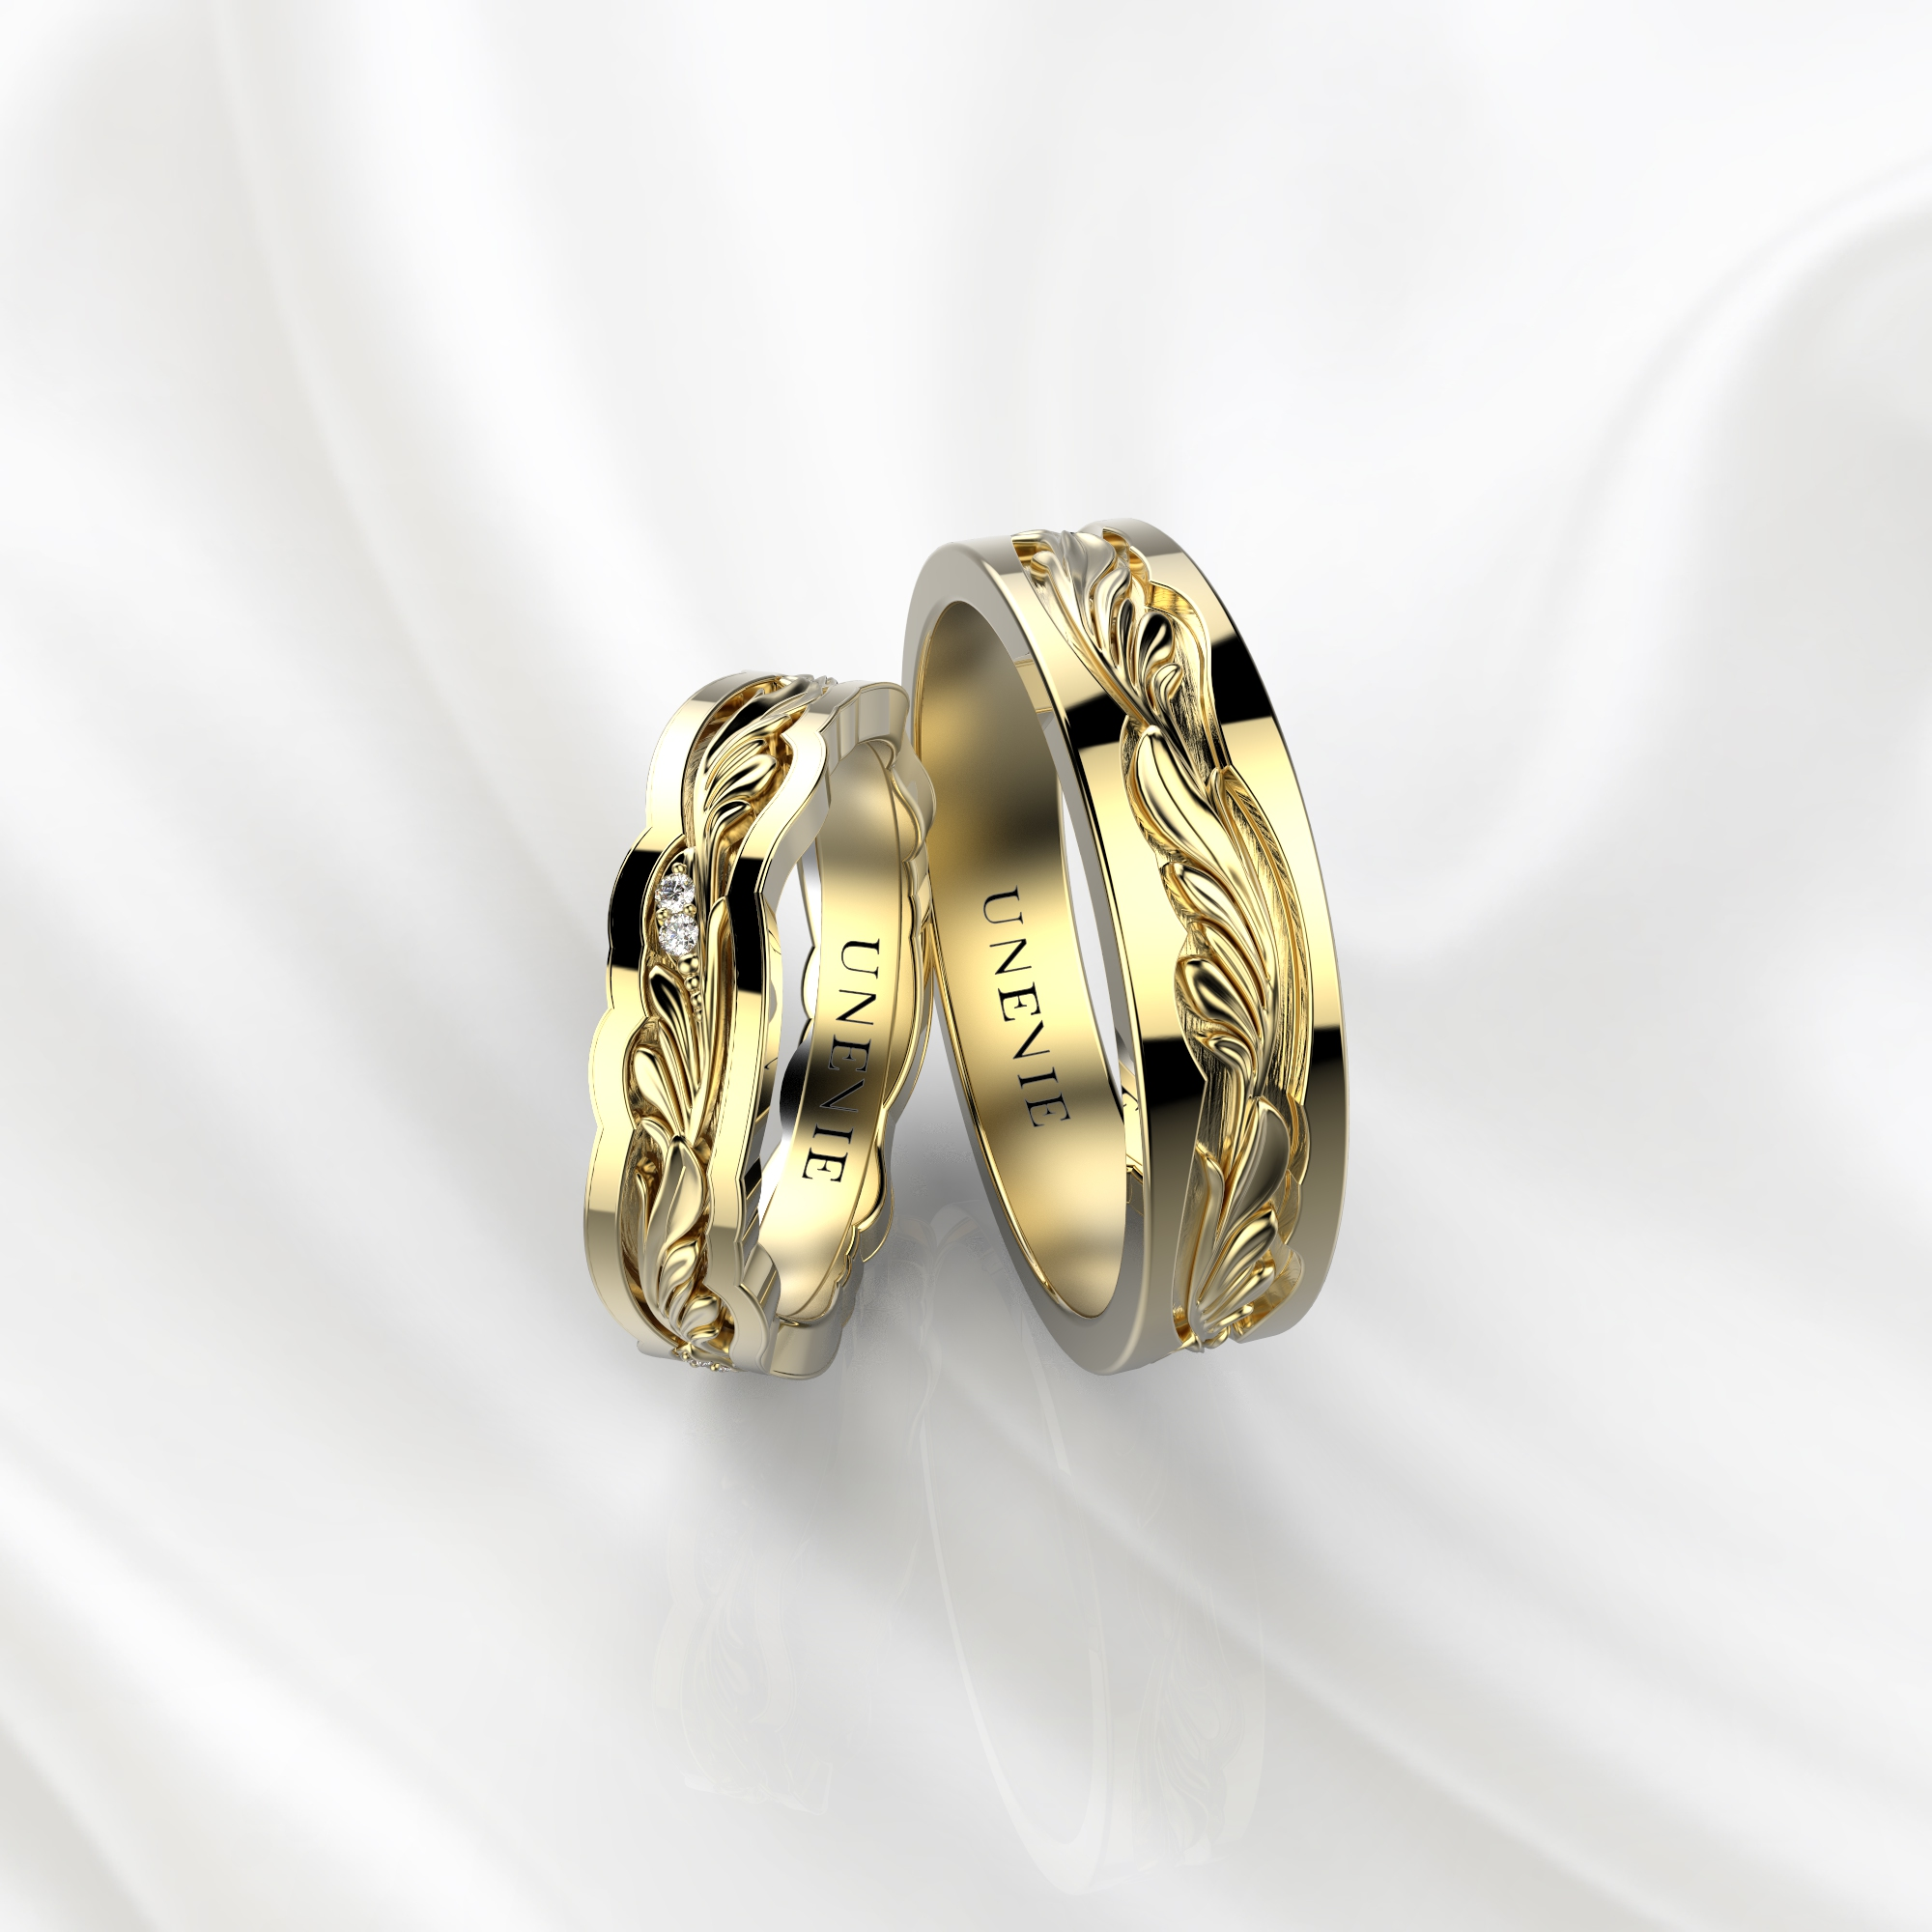 NV44 Парные обручальные кольца из желтого золота с бриллиантами